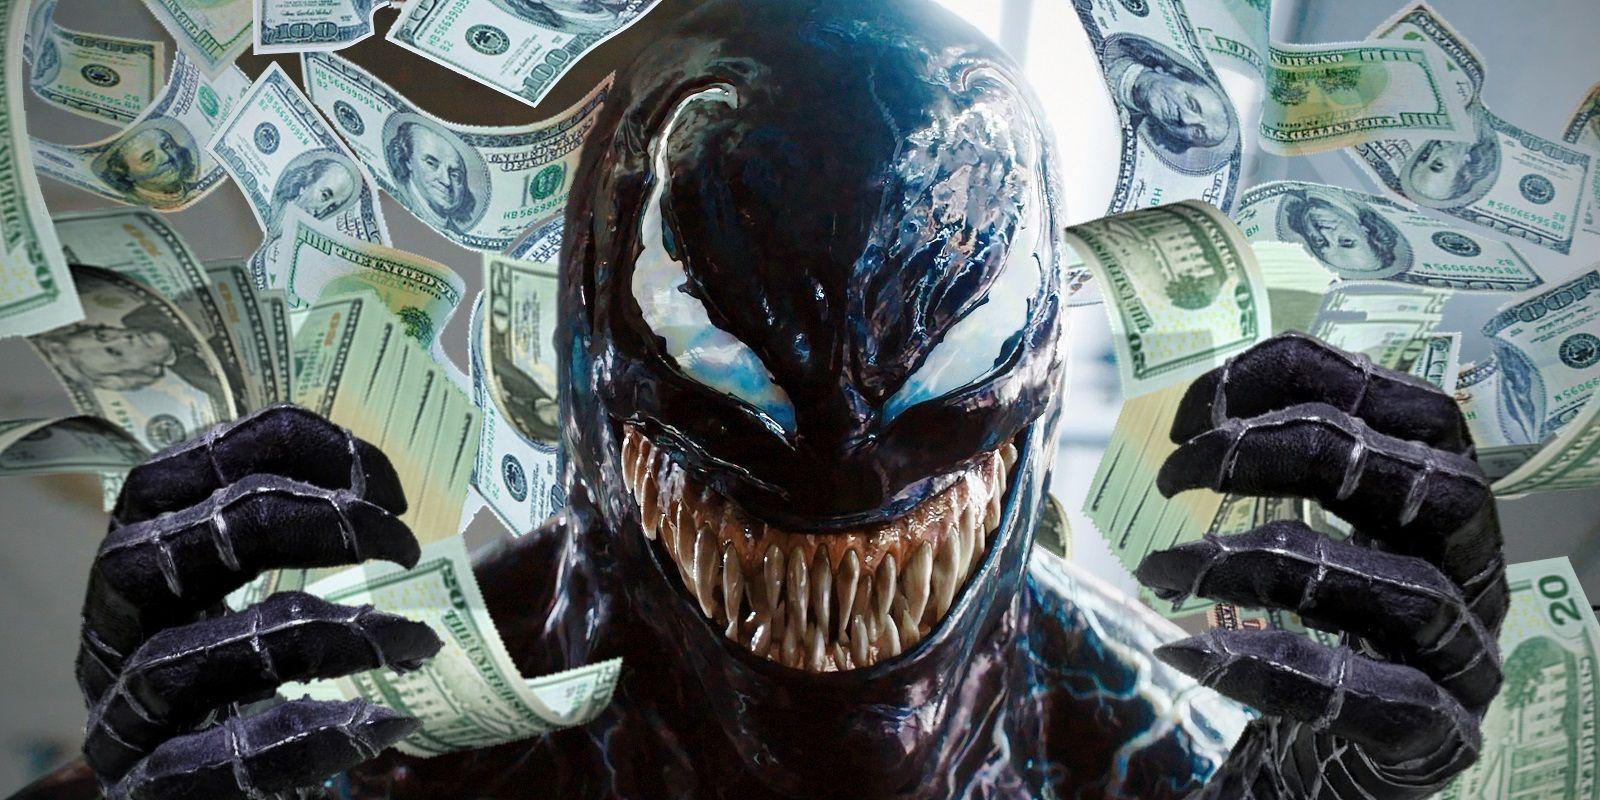 Venom Was A Massive Box Office Success